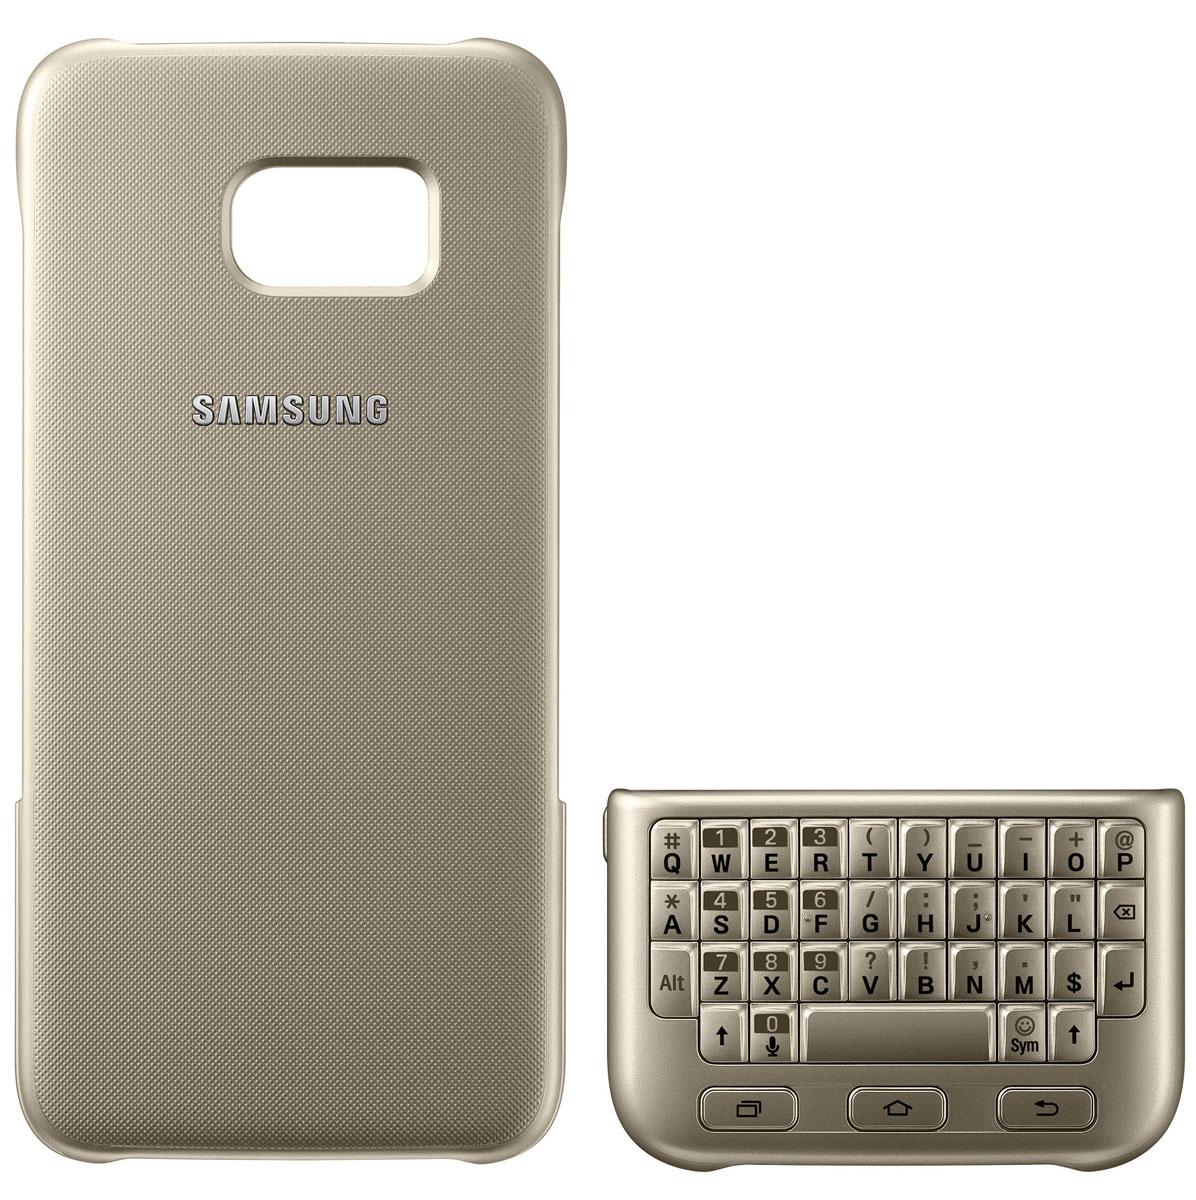 Samsung EJ-CG935 Keyboard Cover чехол-клавиатура для Galaxy S7 Edge, GoldEJ-CG935UFEGRUЧехол-клавиатура Samsung EJ-CG935 Keyboard Cover разработан специально для модели смартфона Galaxy S7 Edge. С его помощью набирать текст сообщений, создавать и сохранять заметки быстрее и проще. Накладная клавиатура работает по механическому принципу - она не тратит проценты заряда вашего смартфона и не требует дополнительных подключений. Клавишный блок можно разместить поверх экрана - смартфон автоматически распознает его и адаптирует интерфейс к новому размеру дисплея. Чехол также выполняет защитную функцию - предохраняет смартфон от пыли и повреждений. Модель совместима с ОС Android 4.4 или выше.